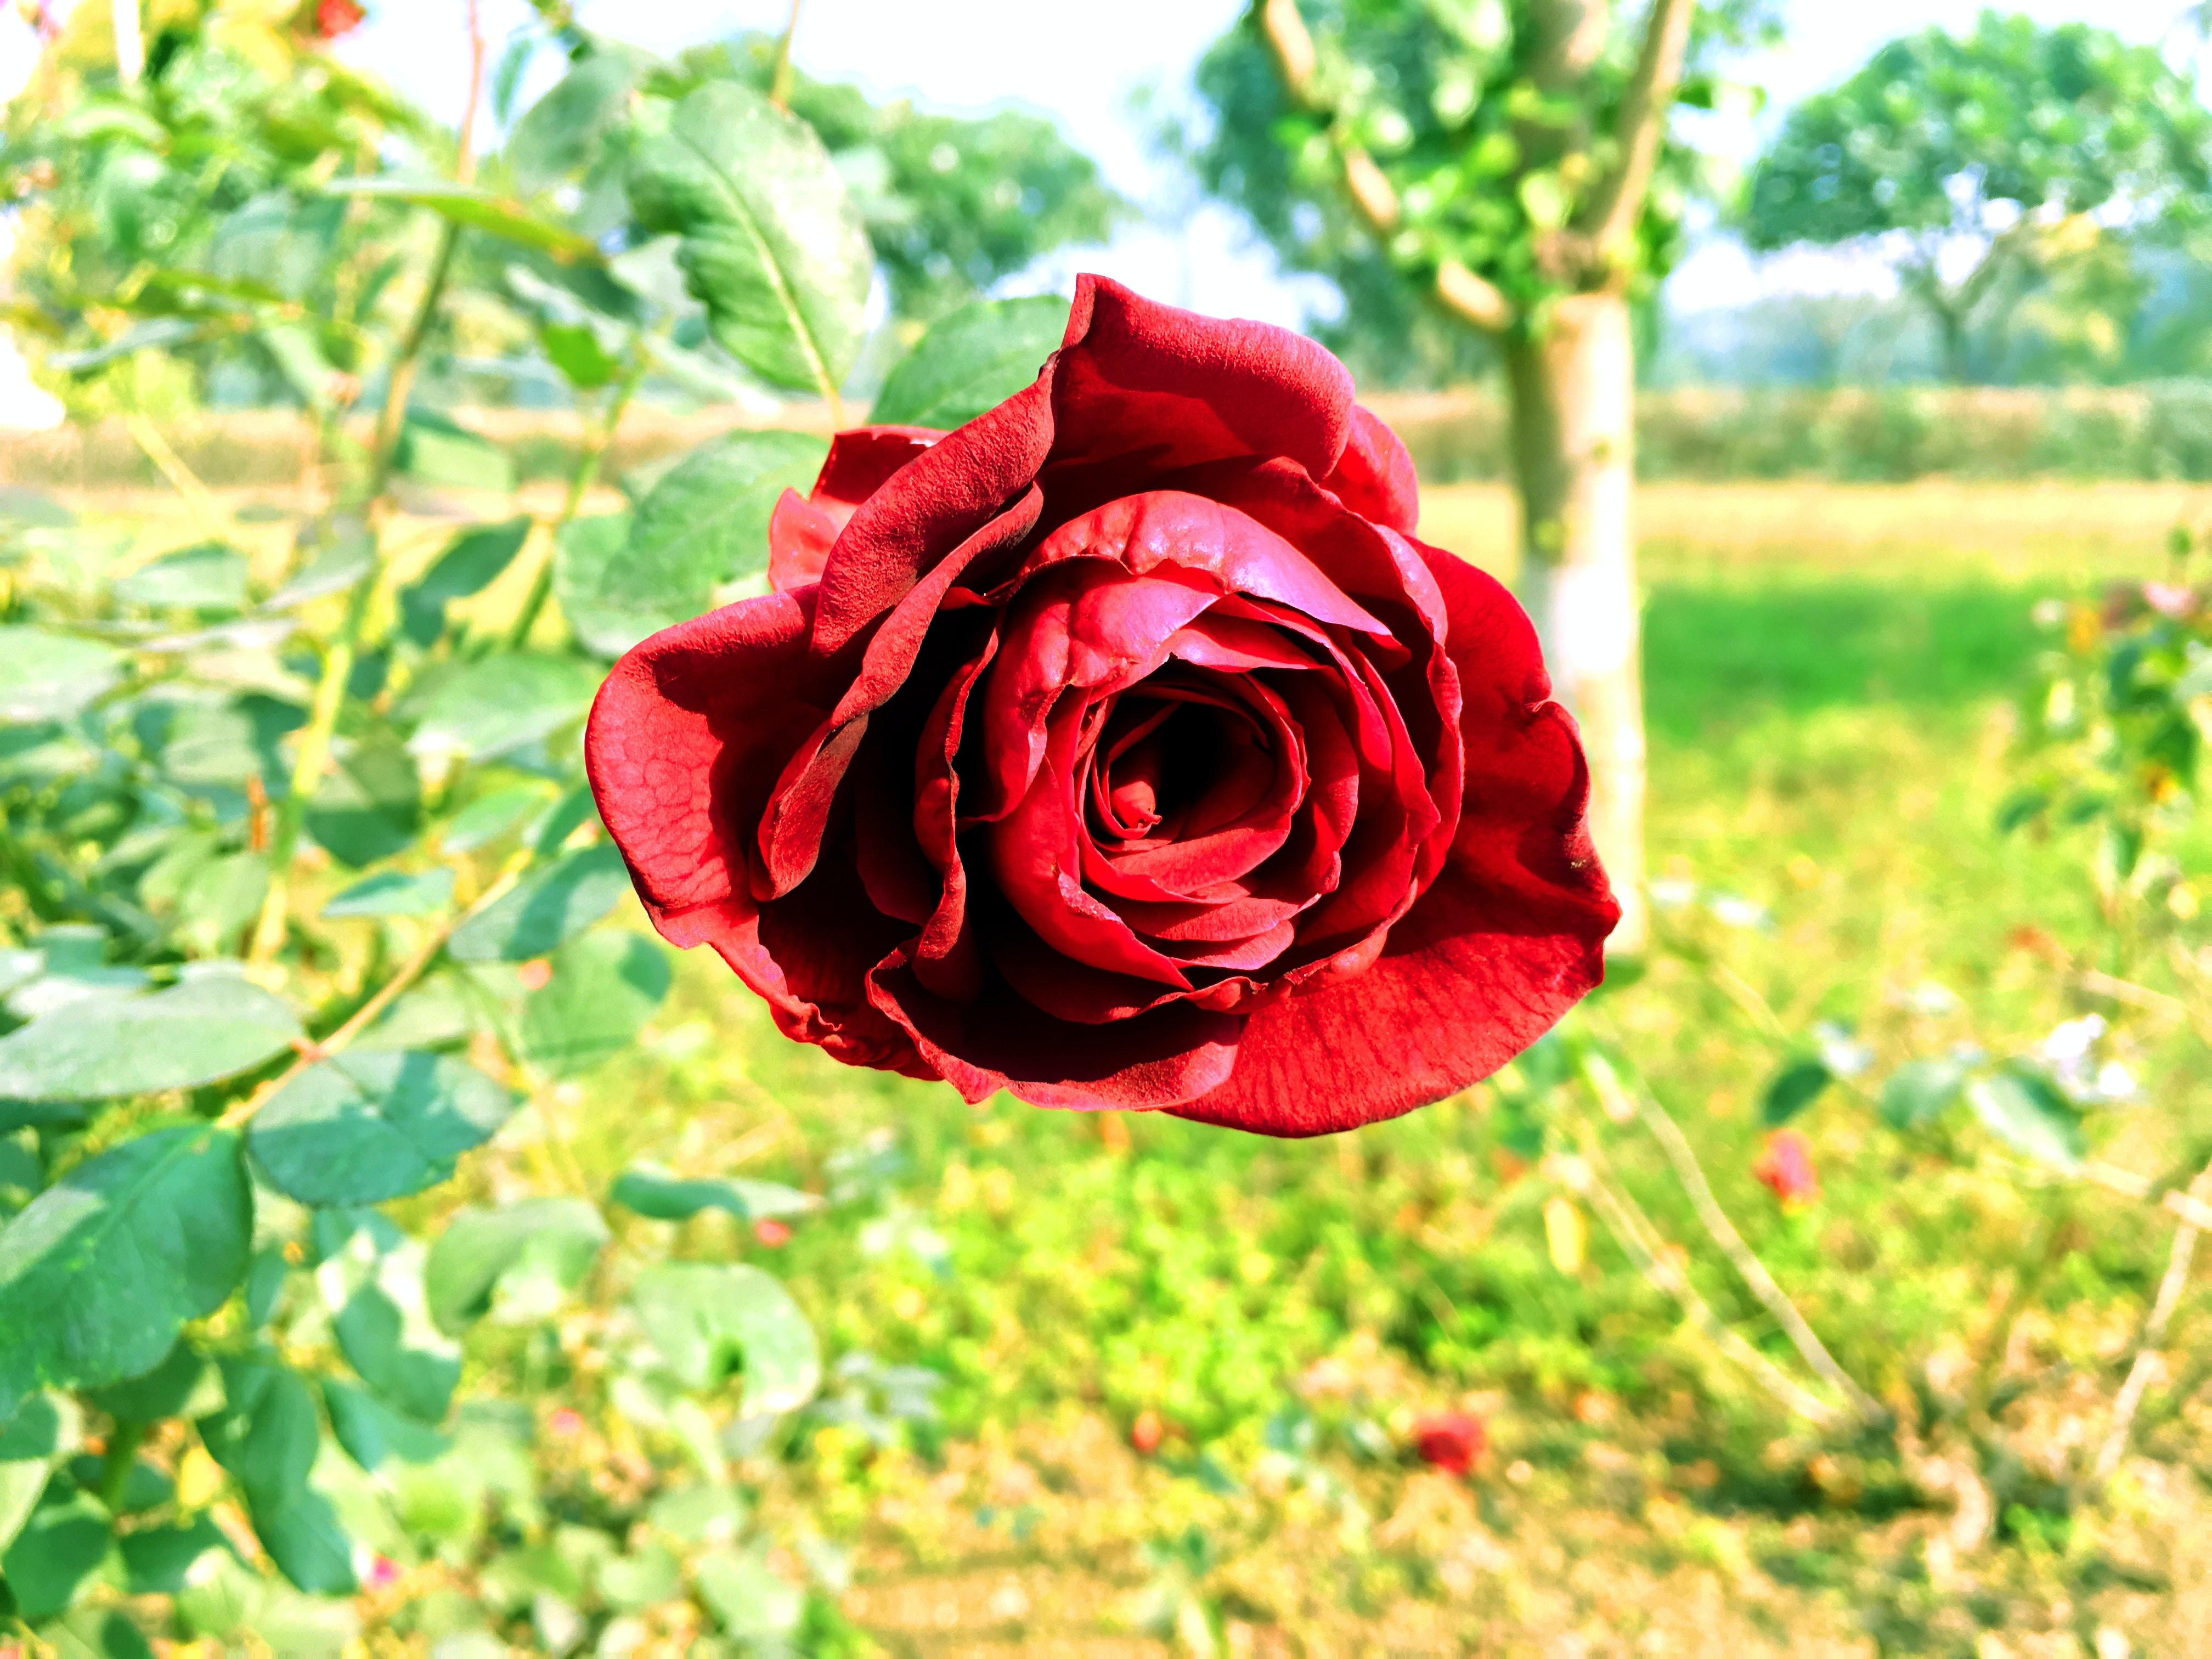 Foto Stok Gratis Tentang Bunga Mawar Cantik Bunga Bunga Indah Mawar